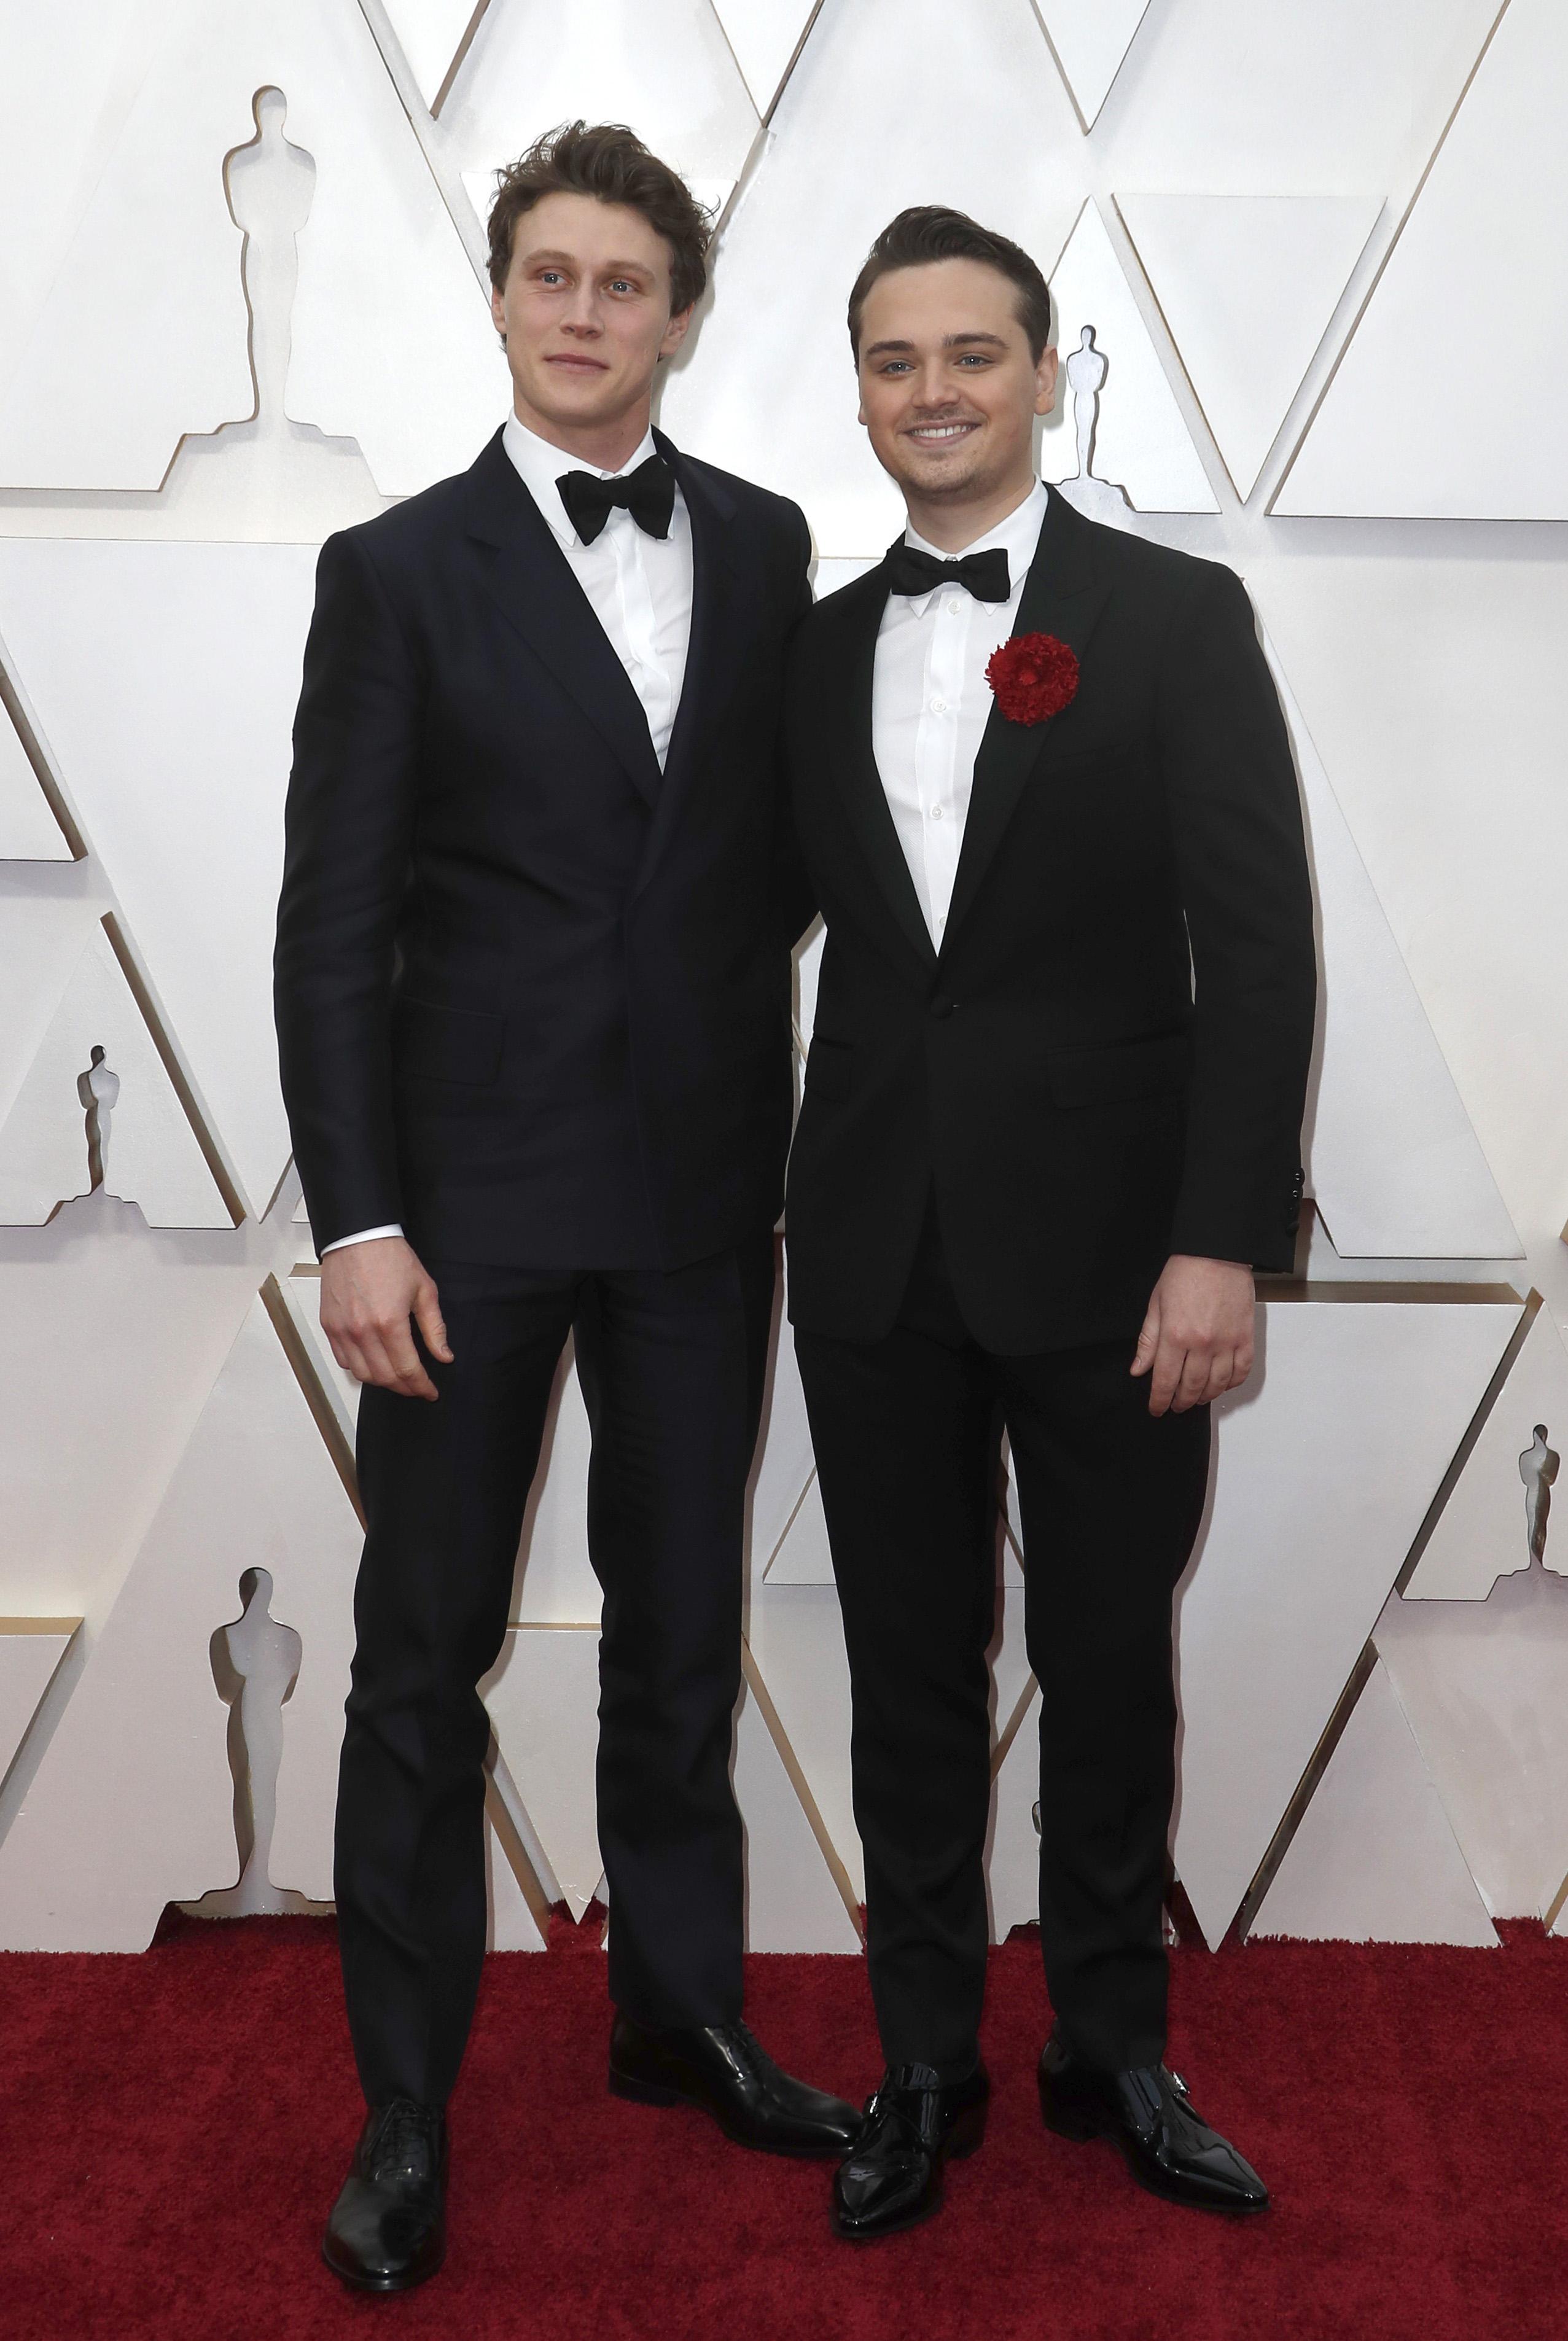 George MacKay y Dean-Charles Chapman, ambos vestidos con un impecable black tie, fueron unos de los primeros en llegar a la alfombra roja de los Academy Awards. Ambos eligieron la camisa blanca y el moño negro. Charles Chapman le sumó a su elección una rosa roja para acompañar a su saco